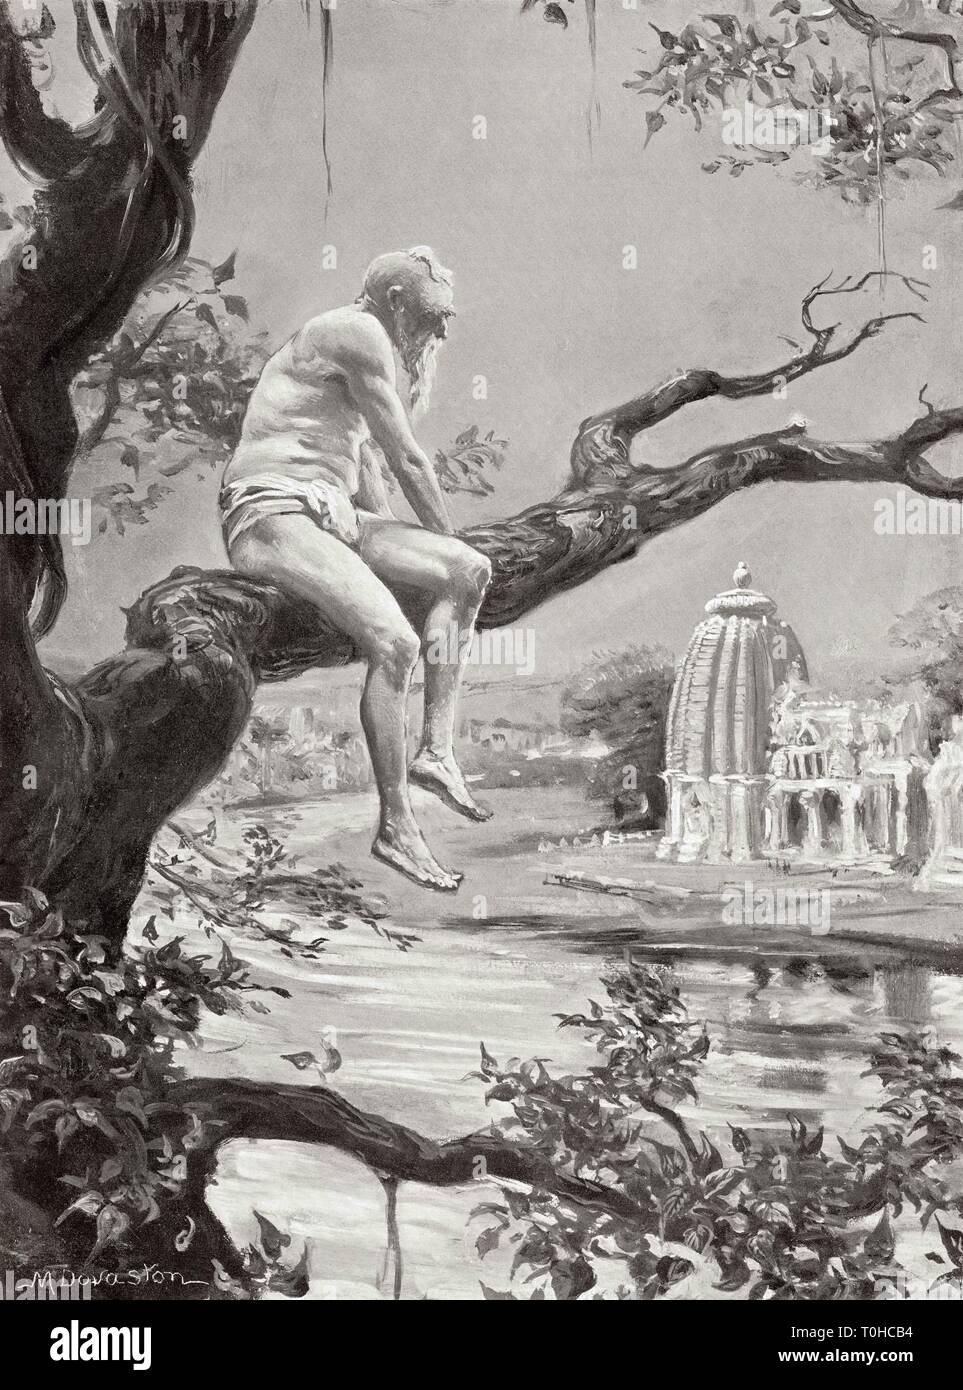 Impression d'Dhanga fin de règne, corps abandonnés Ganges et la rivière Yamuna Photo Stock